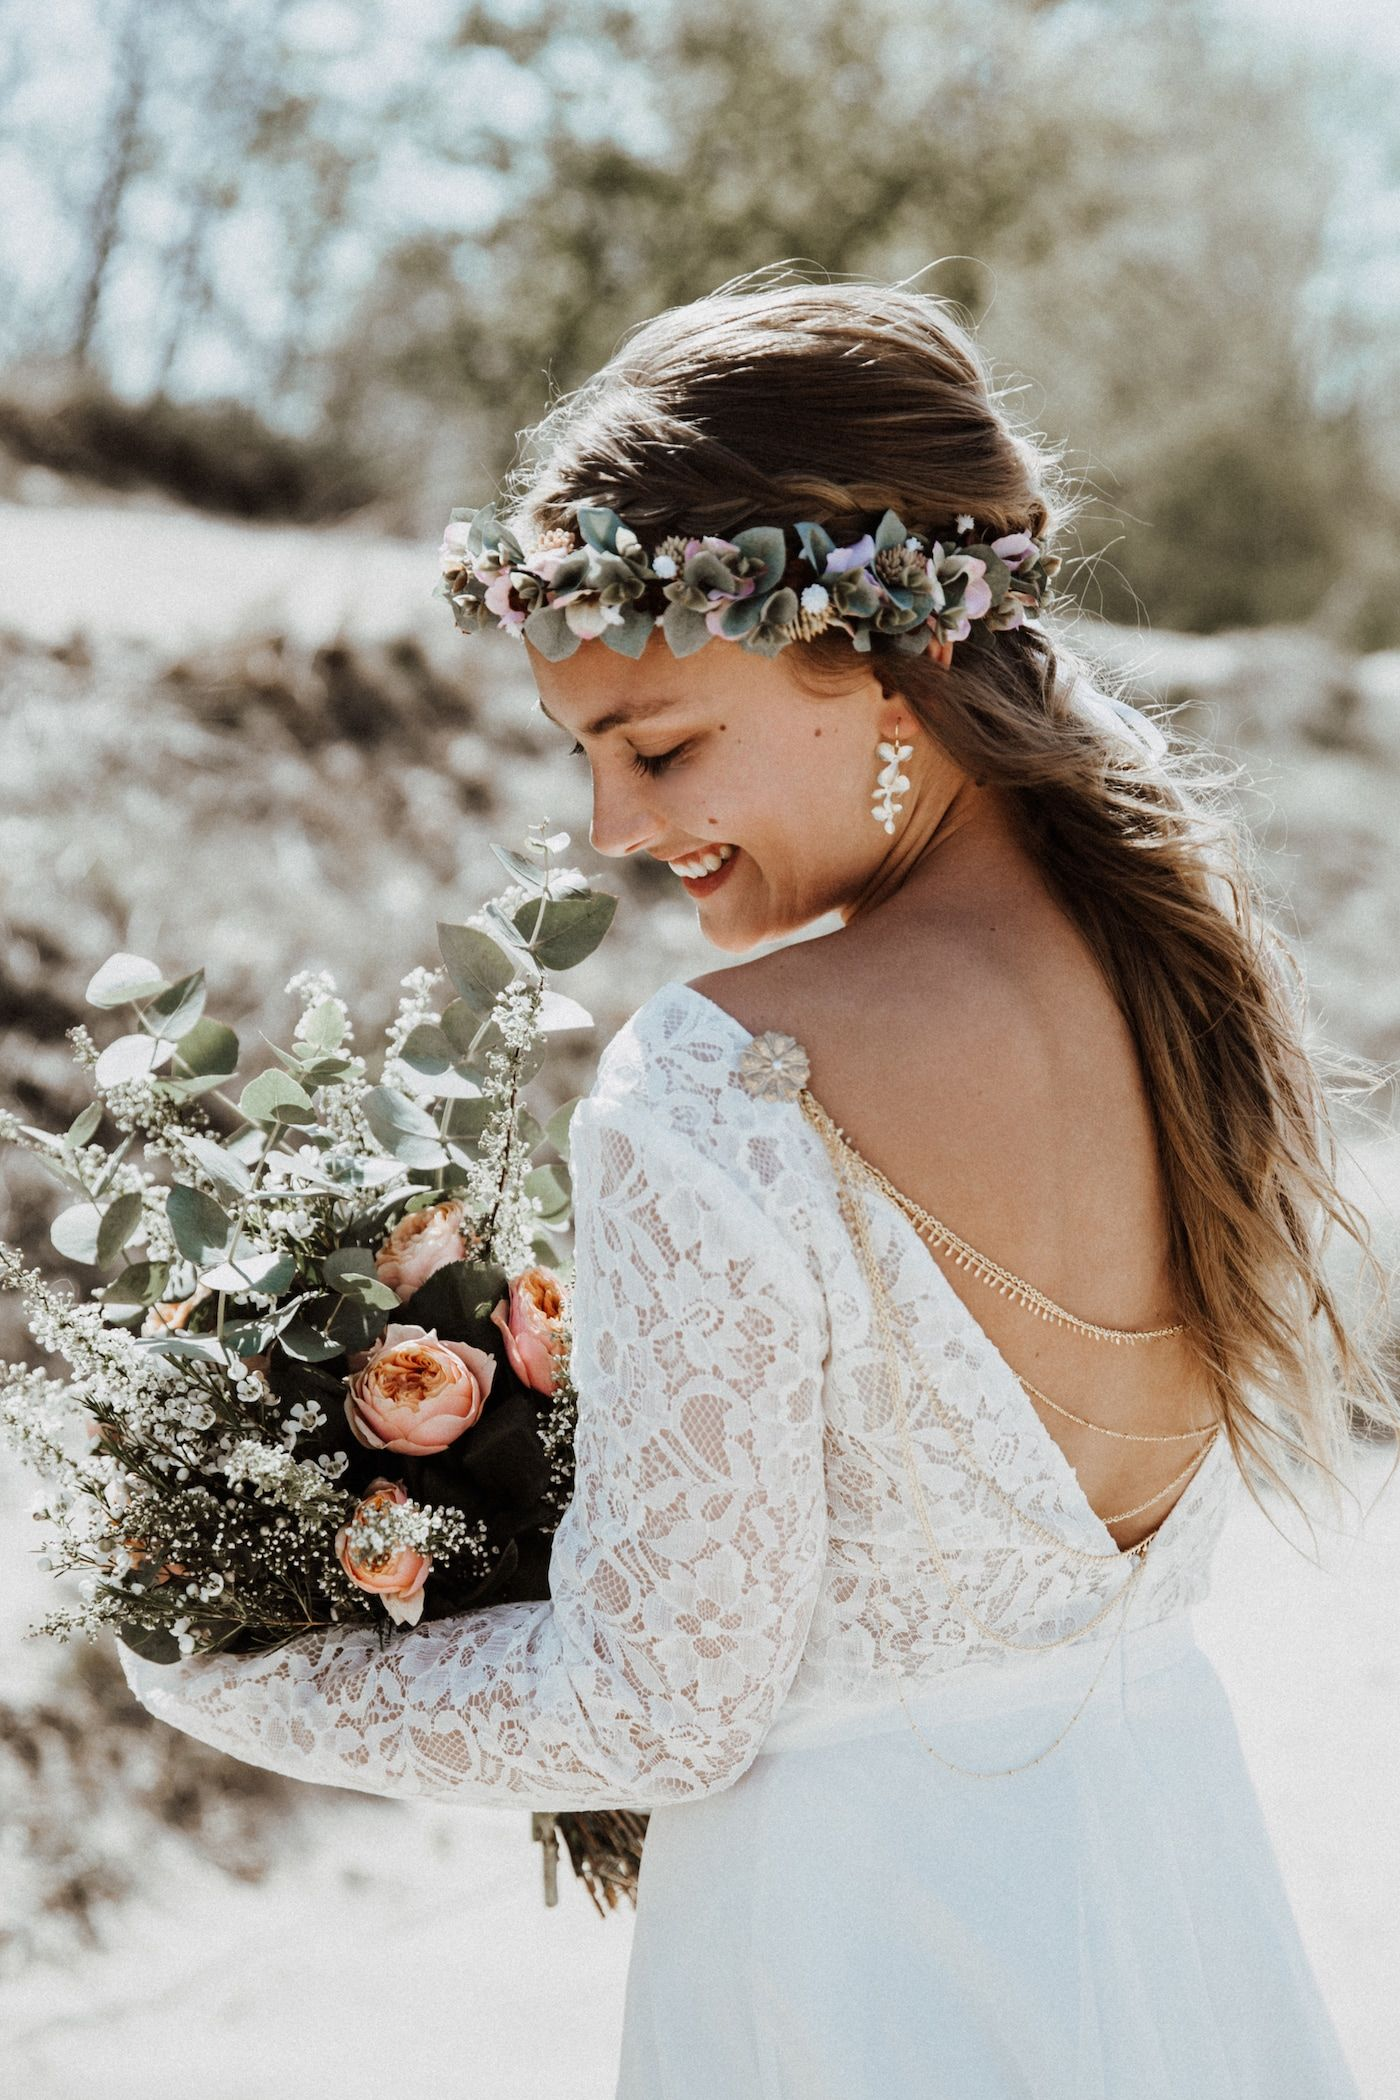 Hochzeits-Haarschmuck: Beispiele & Tipps für die Brautfrisur